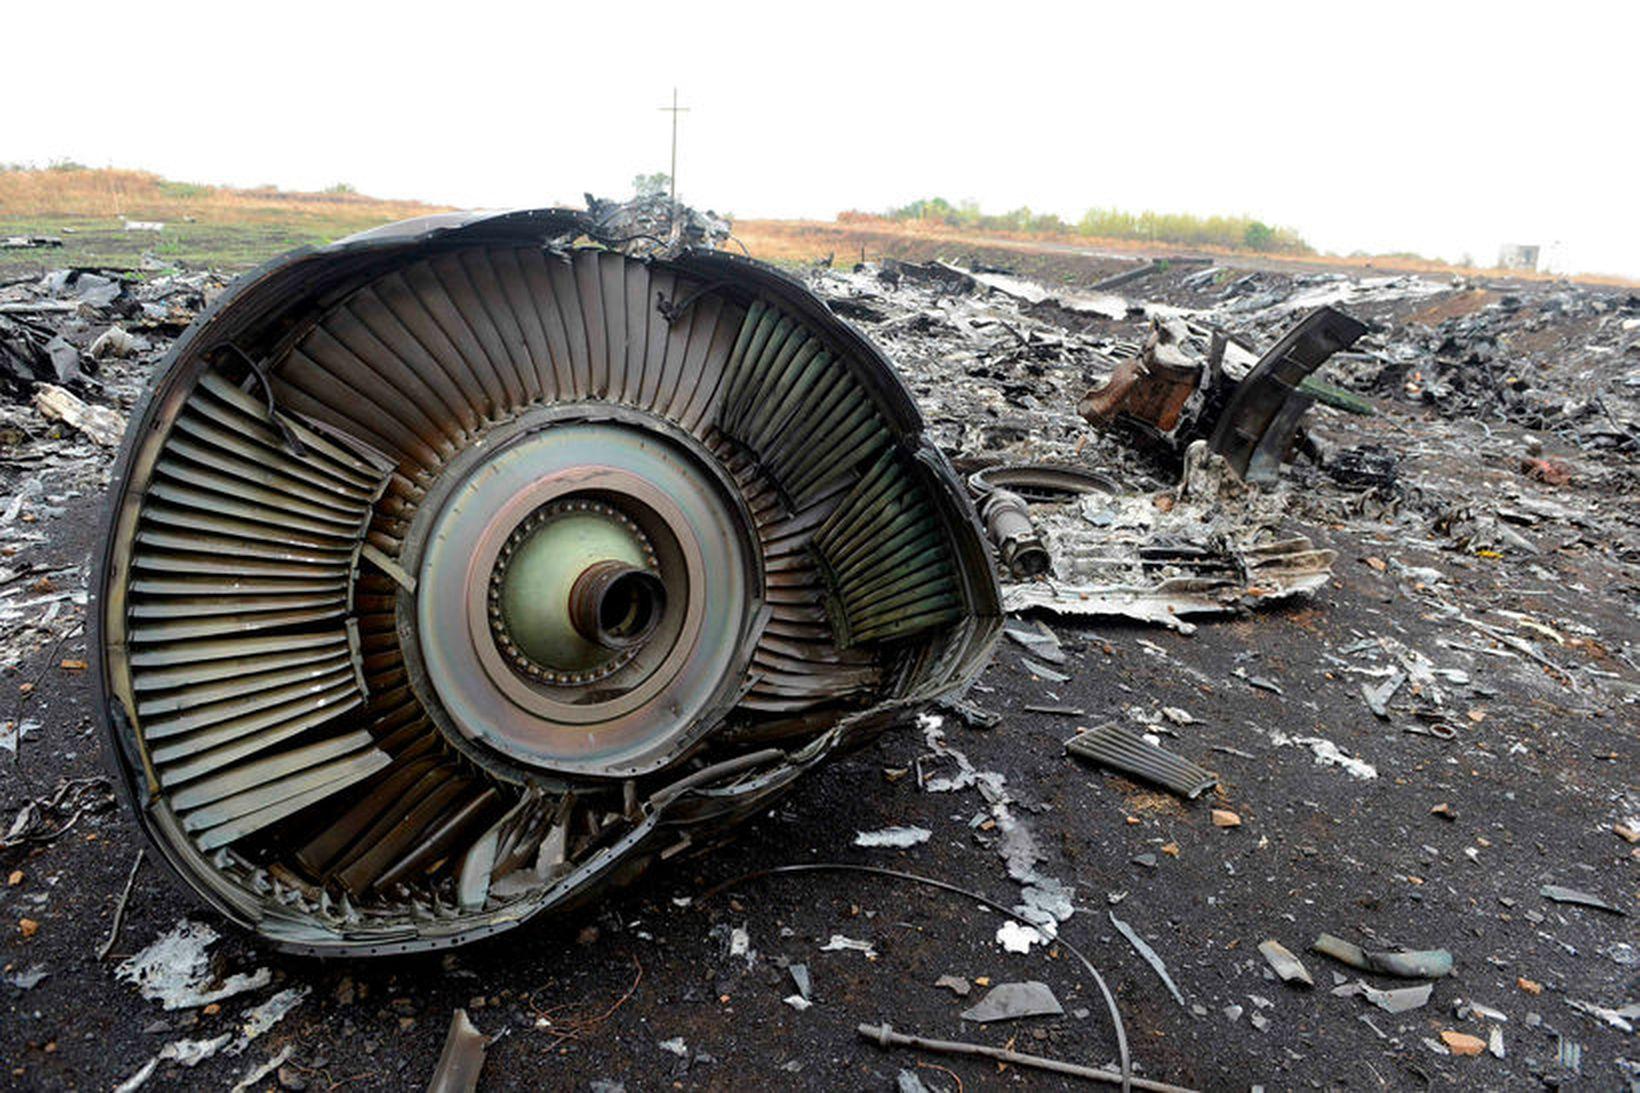 Farþegaþota Malaysia Airlines MH17 rifnaði í sundur yfir lofthelgi Úkraínu …